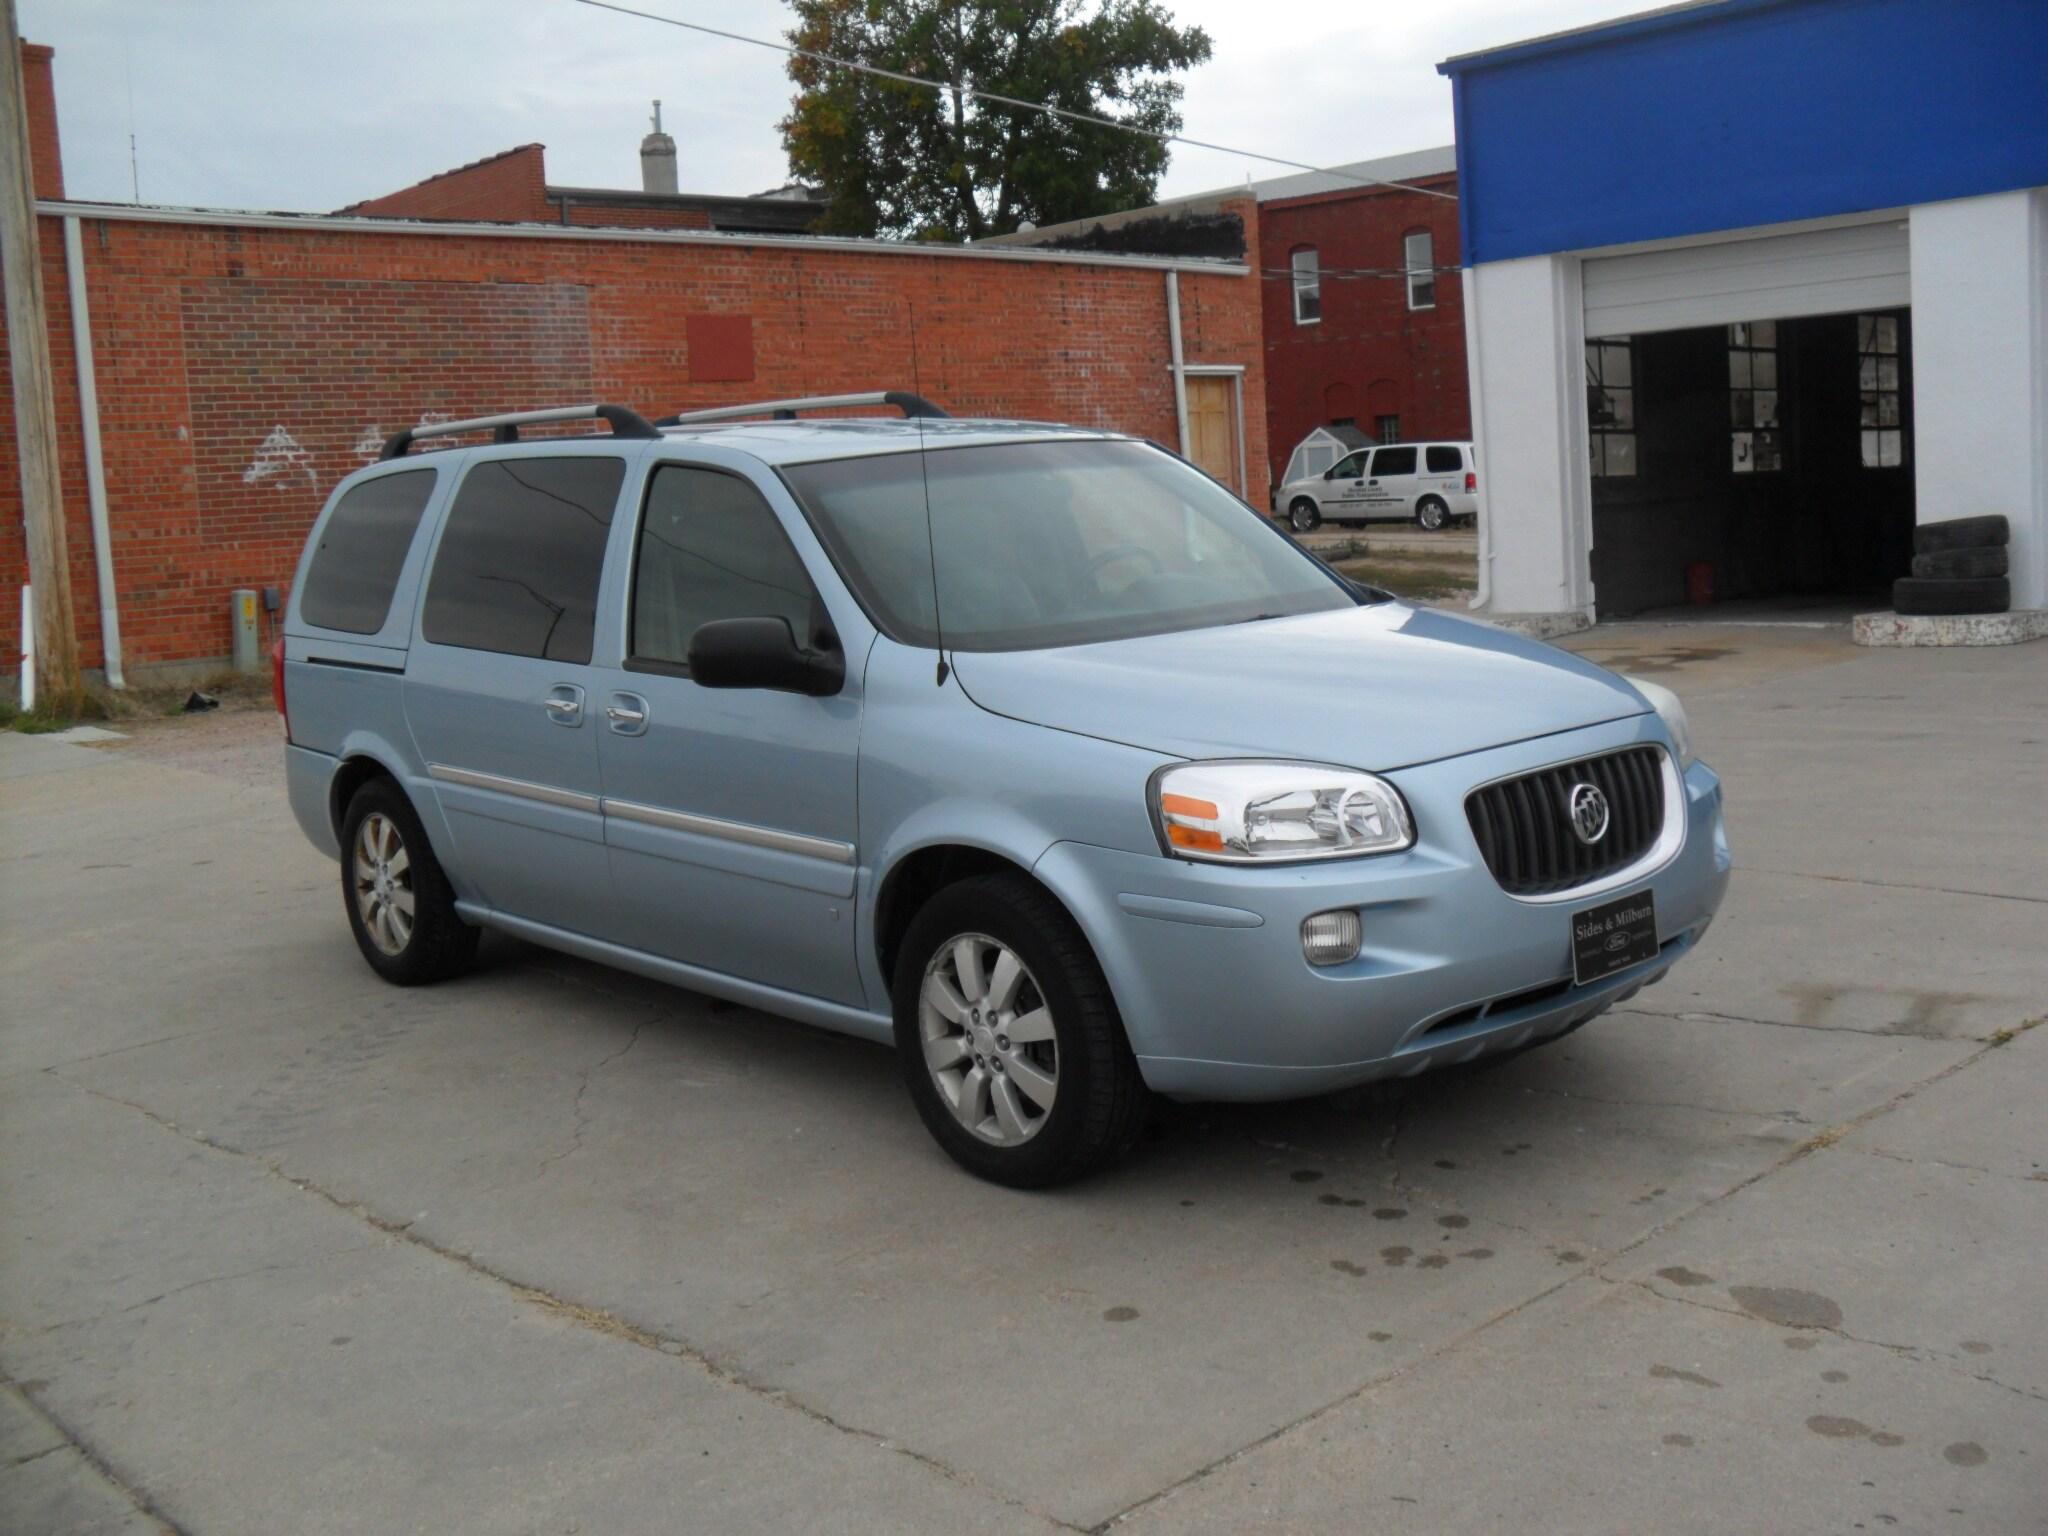 2007 Buick Terraza CXL Passenger Van